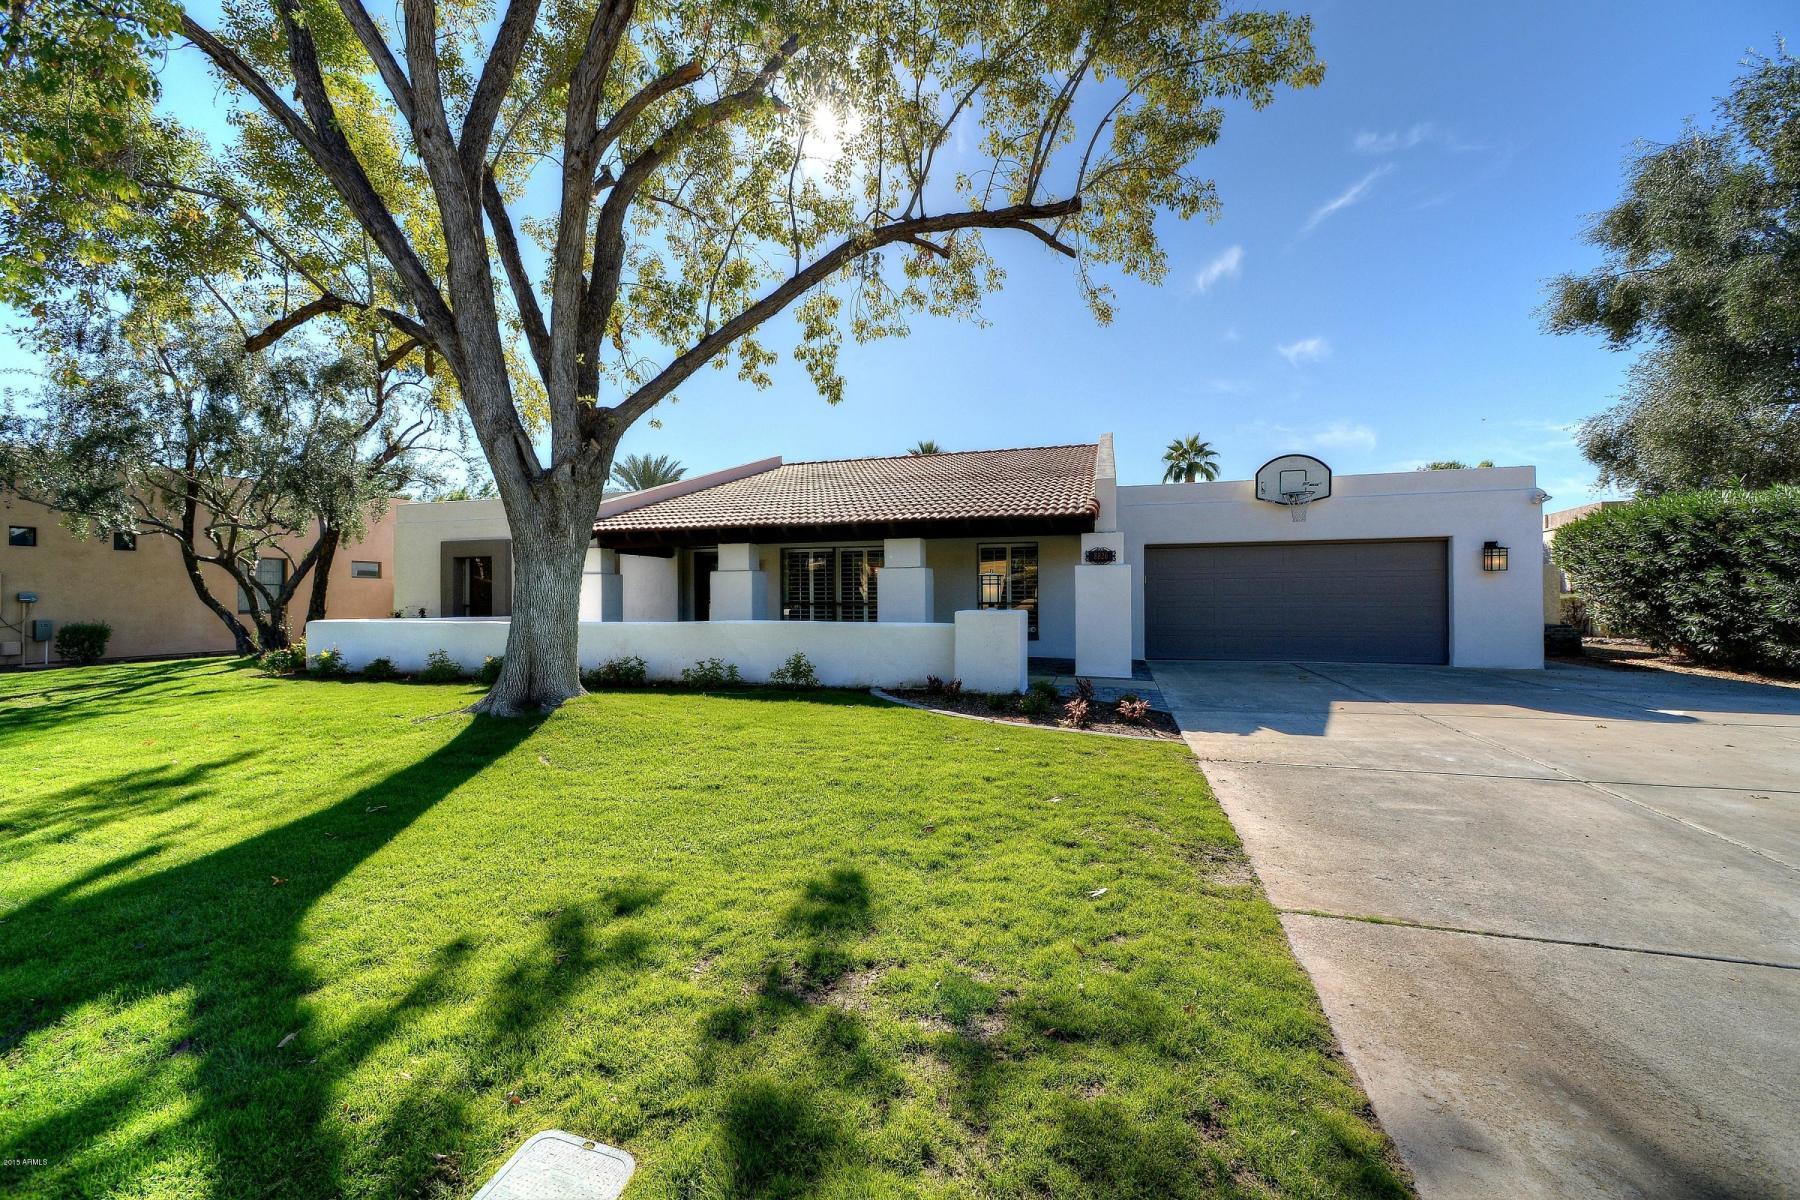 8826 N 85th Pl, Scottsdale | $685,000